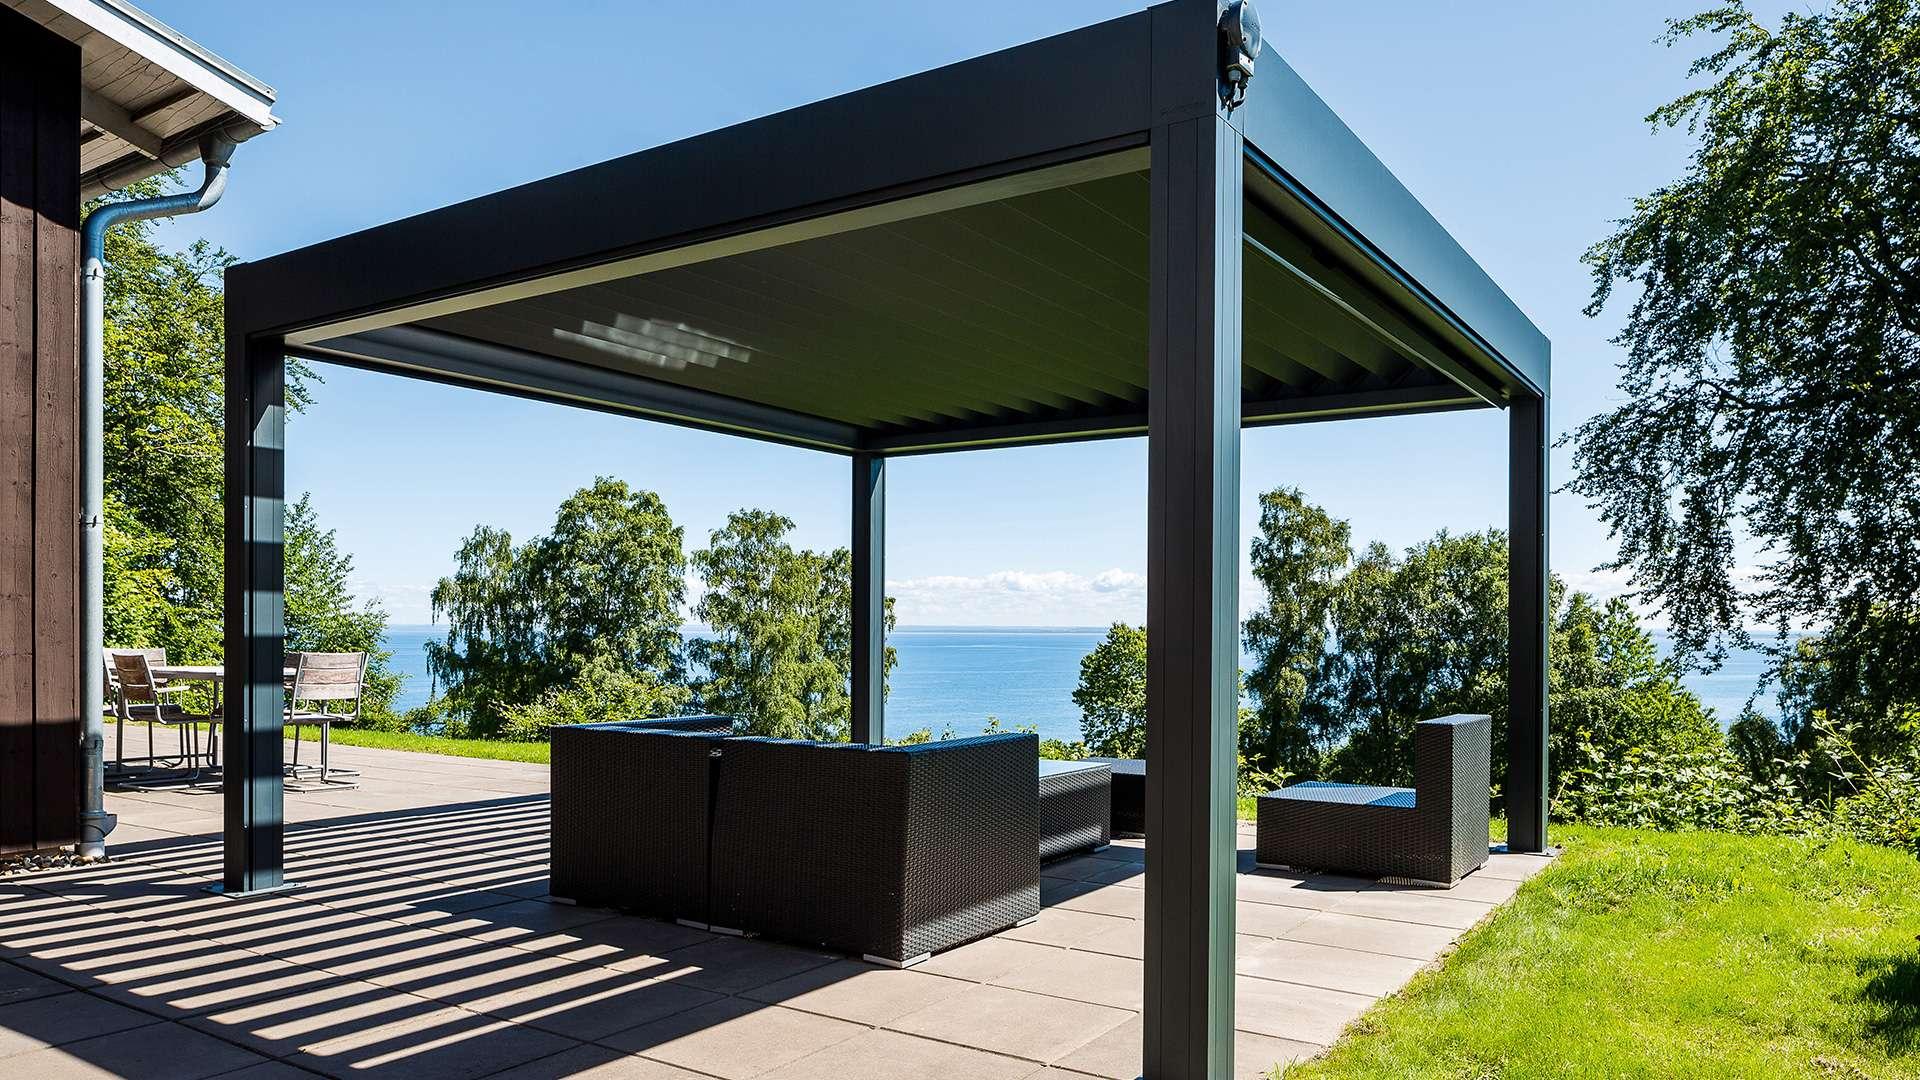 freistehendes Lamellendach auf einer Terrasse mit Blick aufs Meer